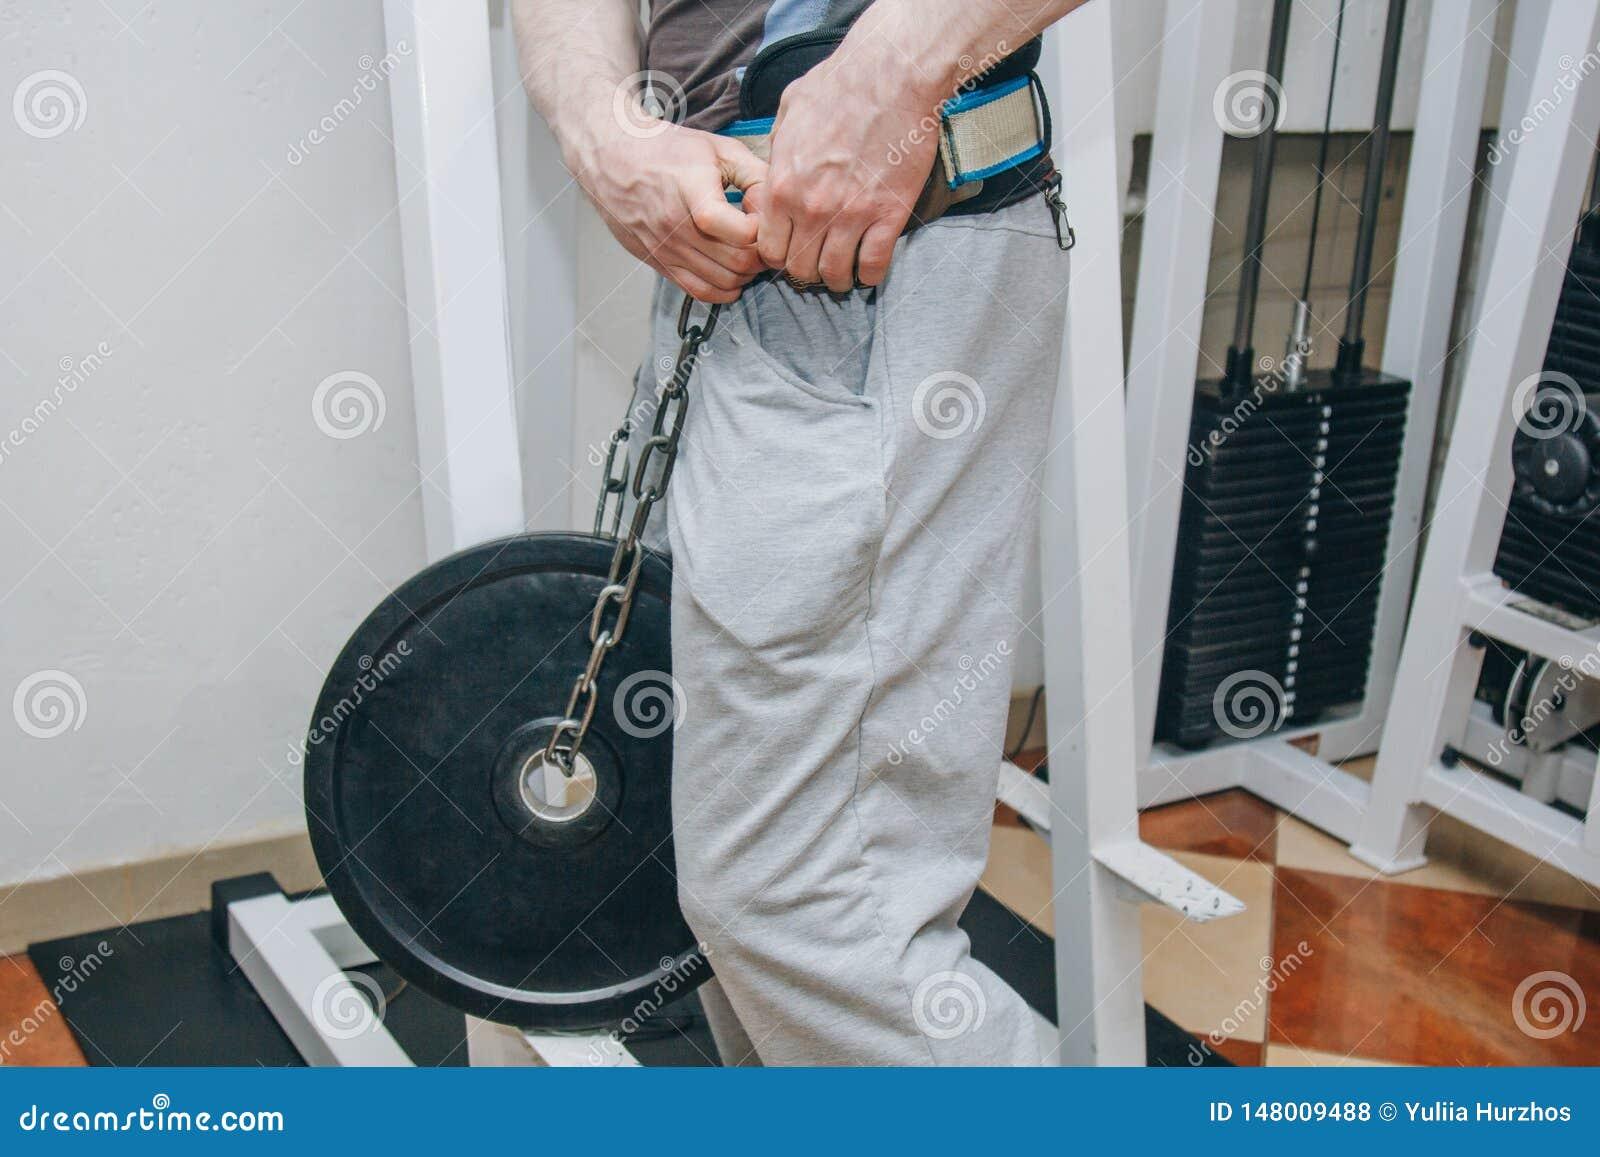 Atleta che fa esercizio con peso sulla cinghia di vita nel centro di addestramento strumenti di formazione nel primo piano della